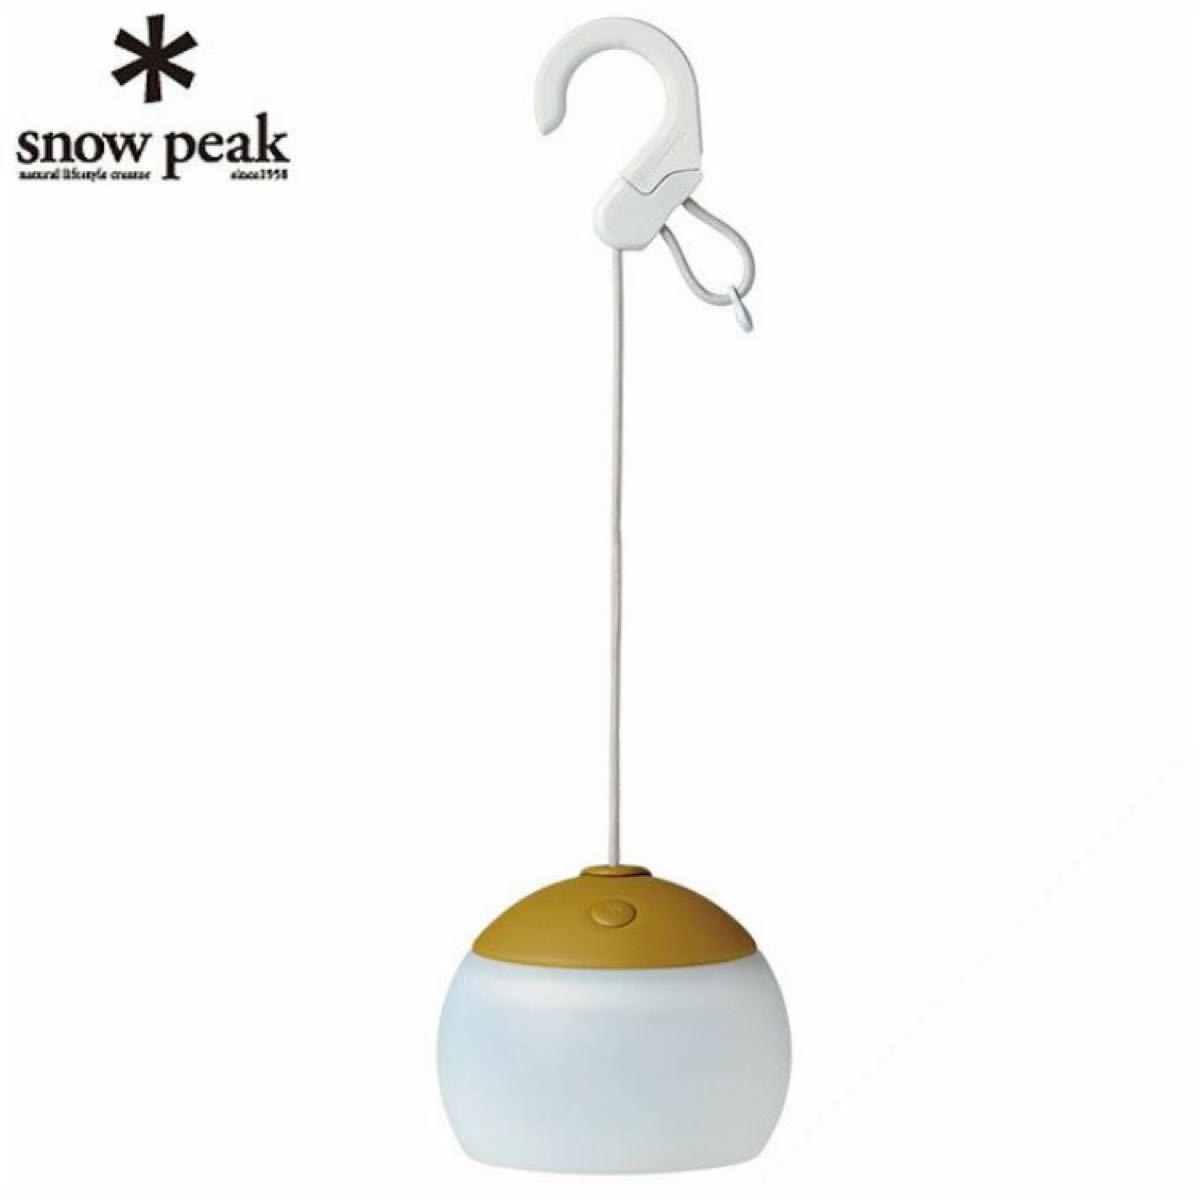 スノーピーク ほおずき もり snow peak